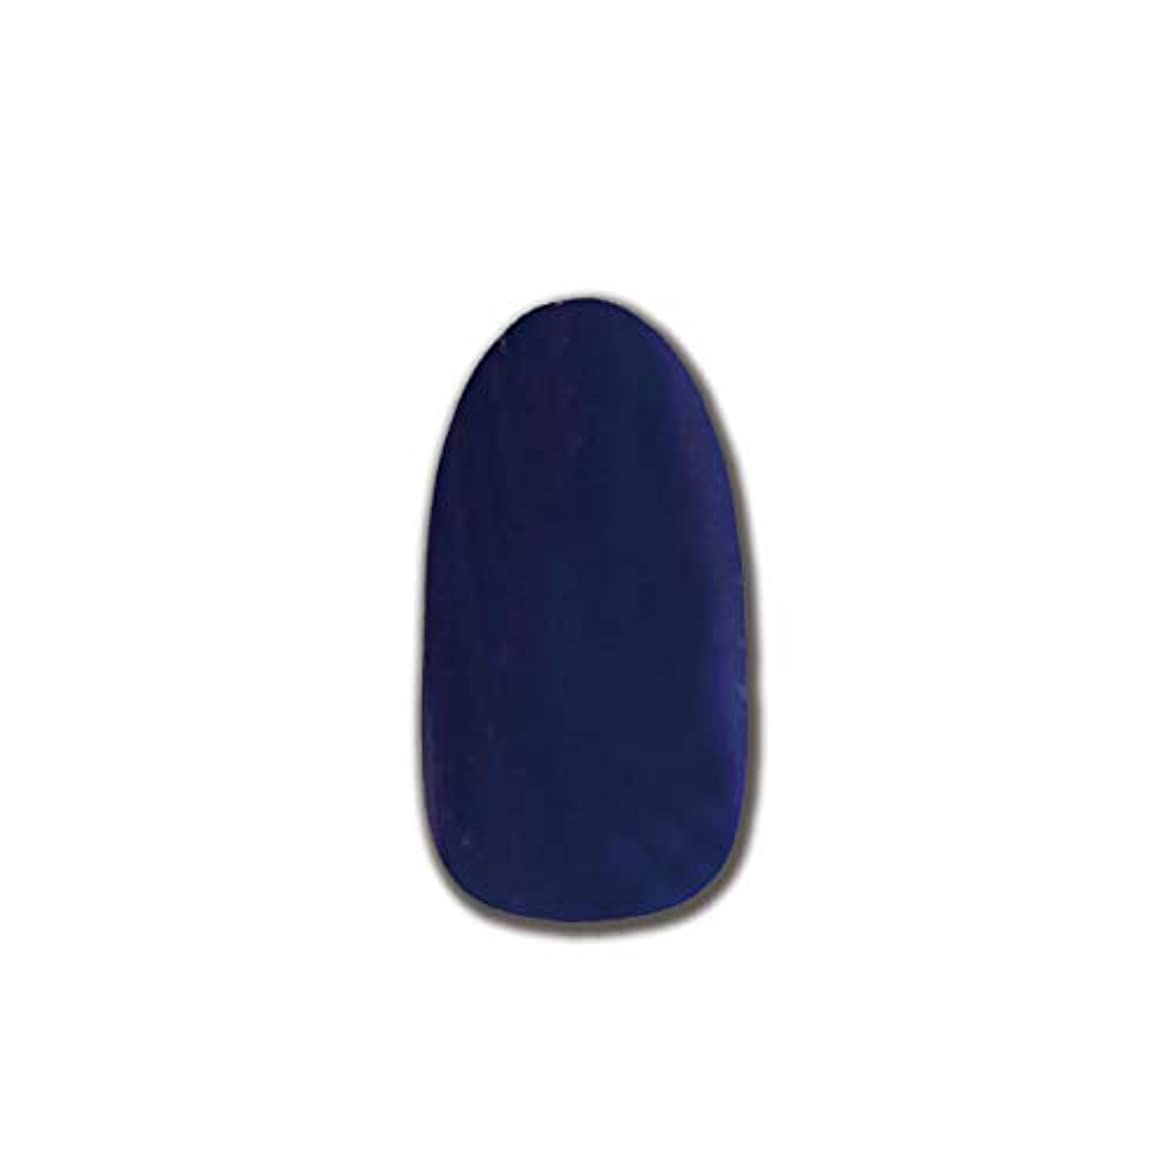 ガラス印象的な名目上のT-GEL COLLECTION カラージェル D146 ヴァイオレット 4ml